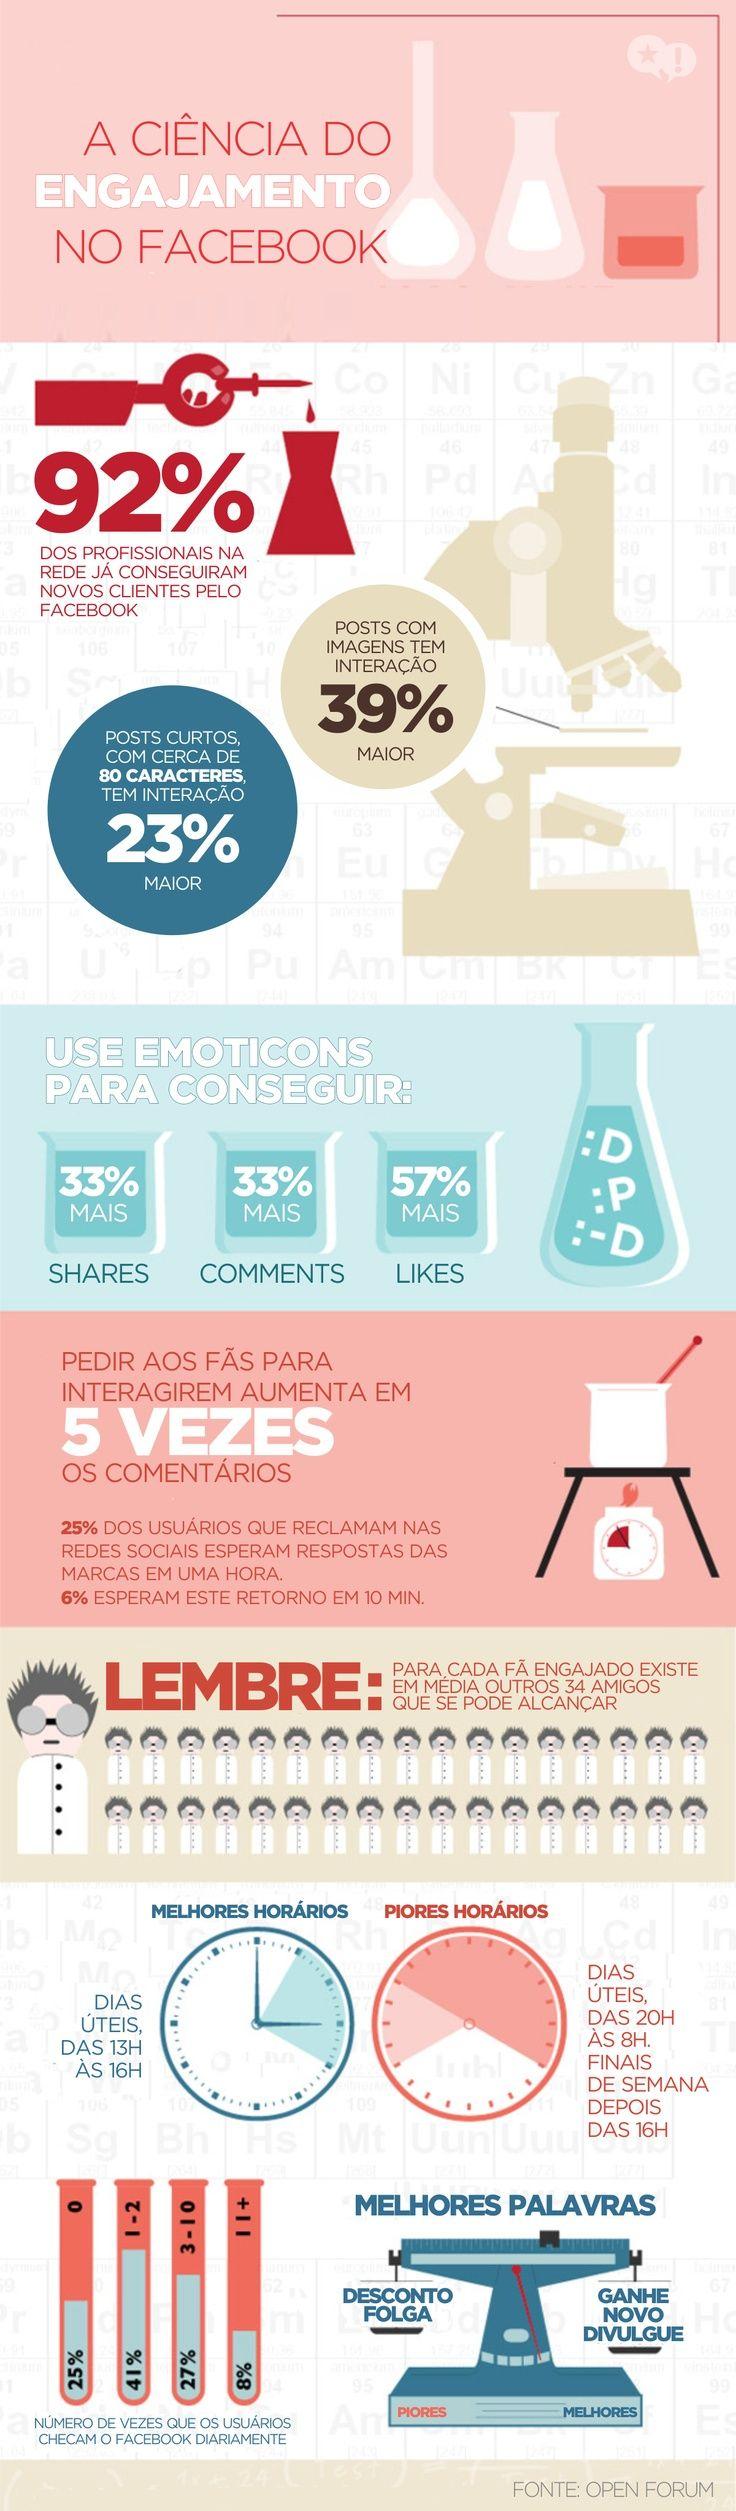 A ciência do engajamento no Facebook #Infogafico